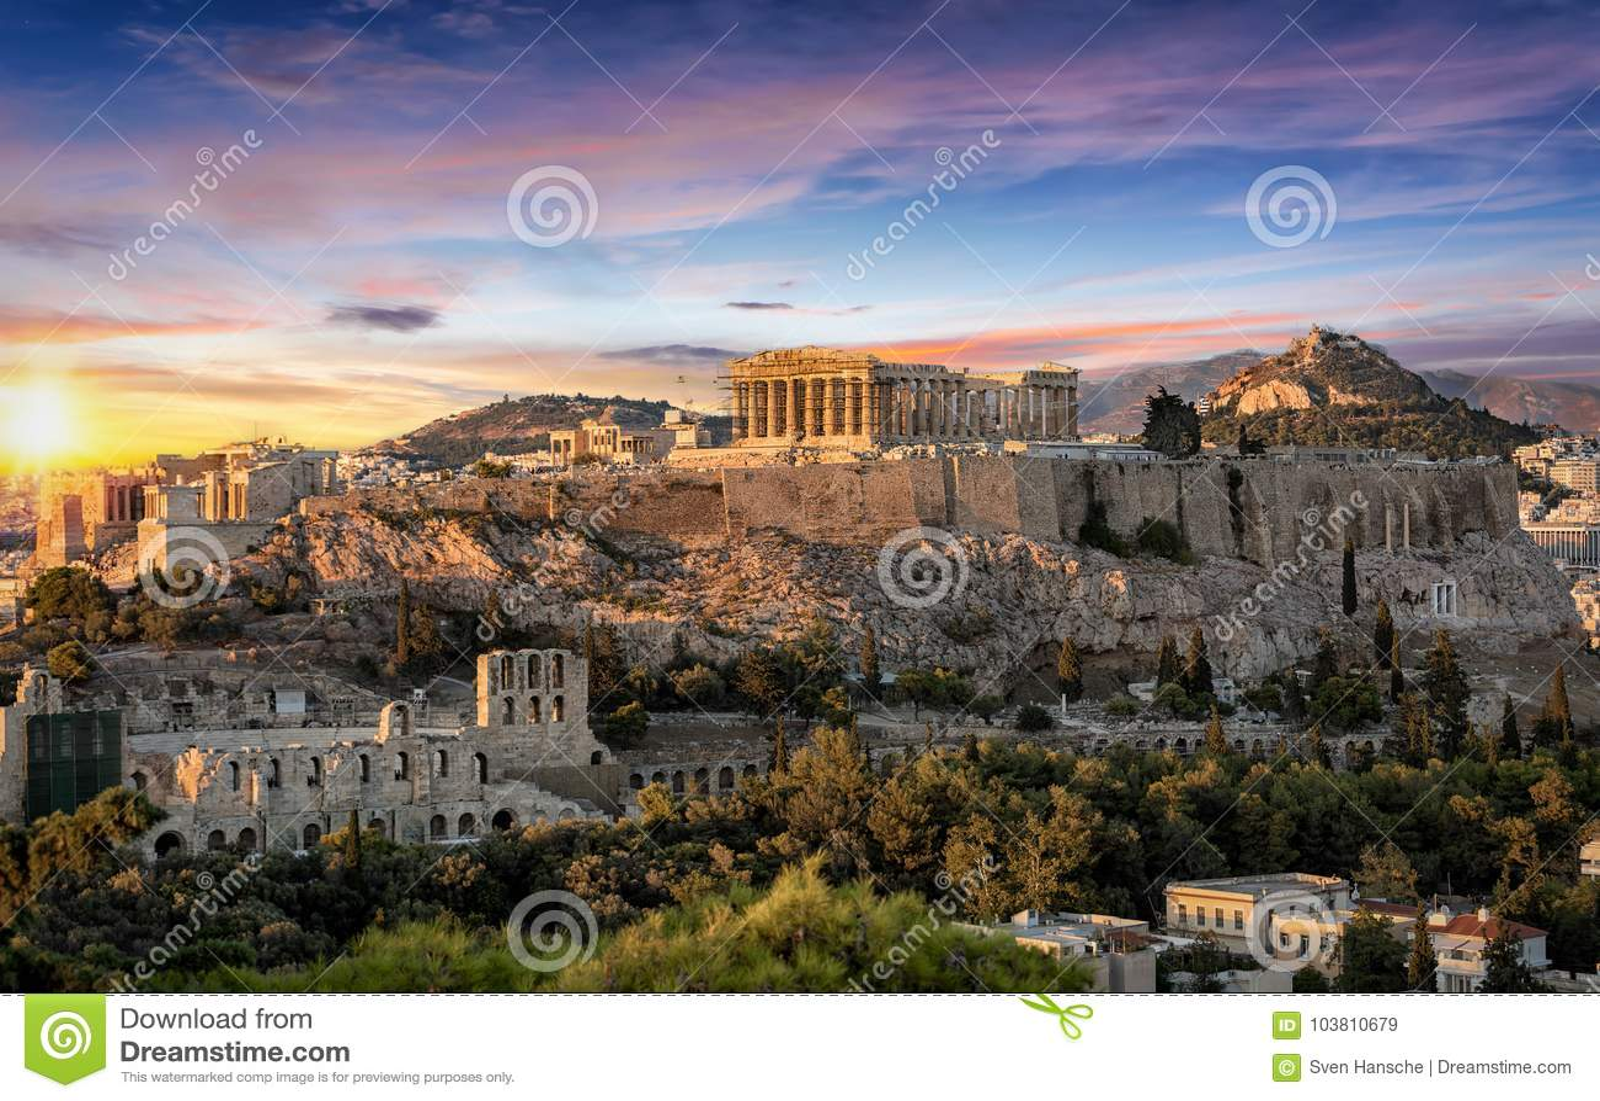 Der Parthenon-Tempel an der Akropolise von Athen, Griechenland